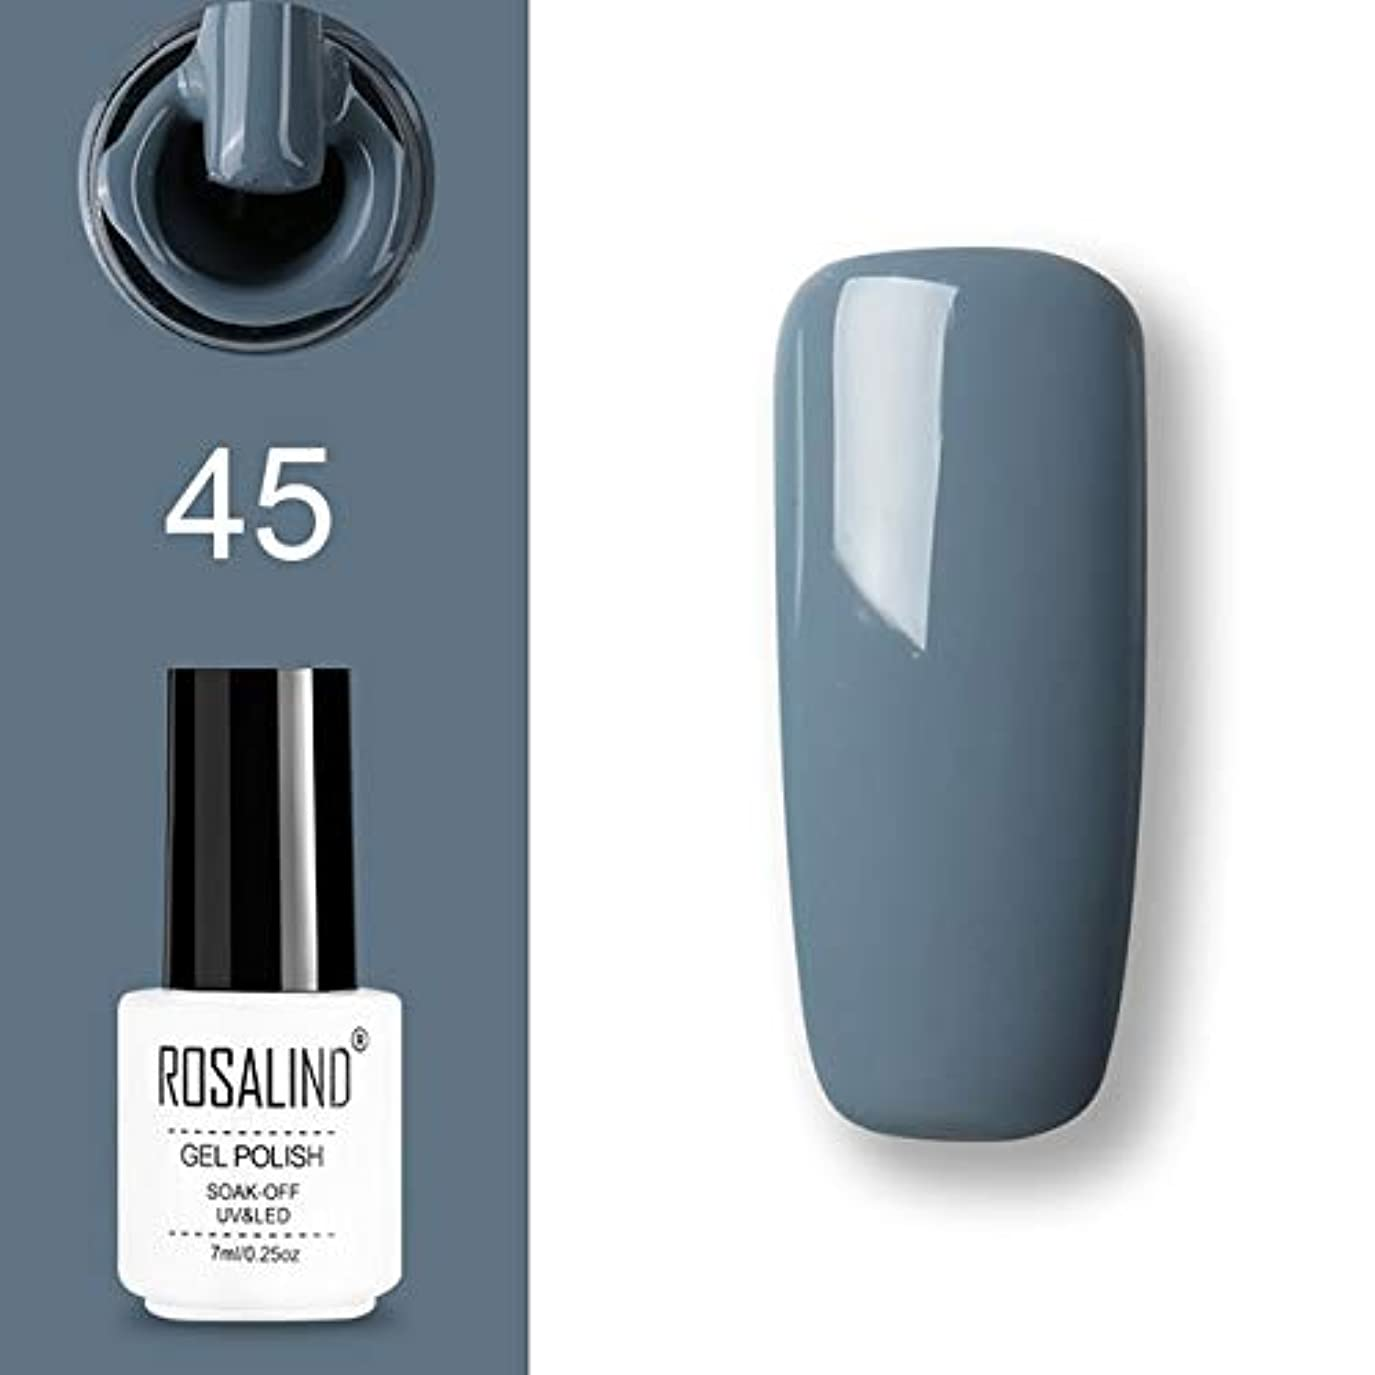 割り当て礼拝幸運なことにファッションアイテム ROSALINDジェルポリッシュセットUV半永久プライマートップコートポリジェルニスネイルアートマニキュアジェル、容量:7ml 45ネイルポリッシュ 環境に優しいマニキュア